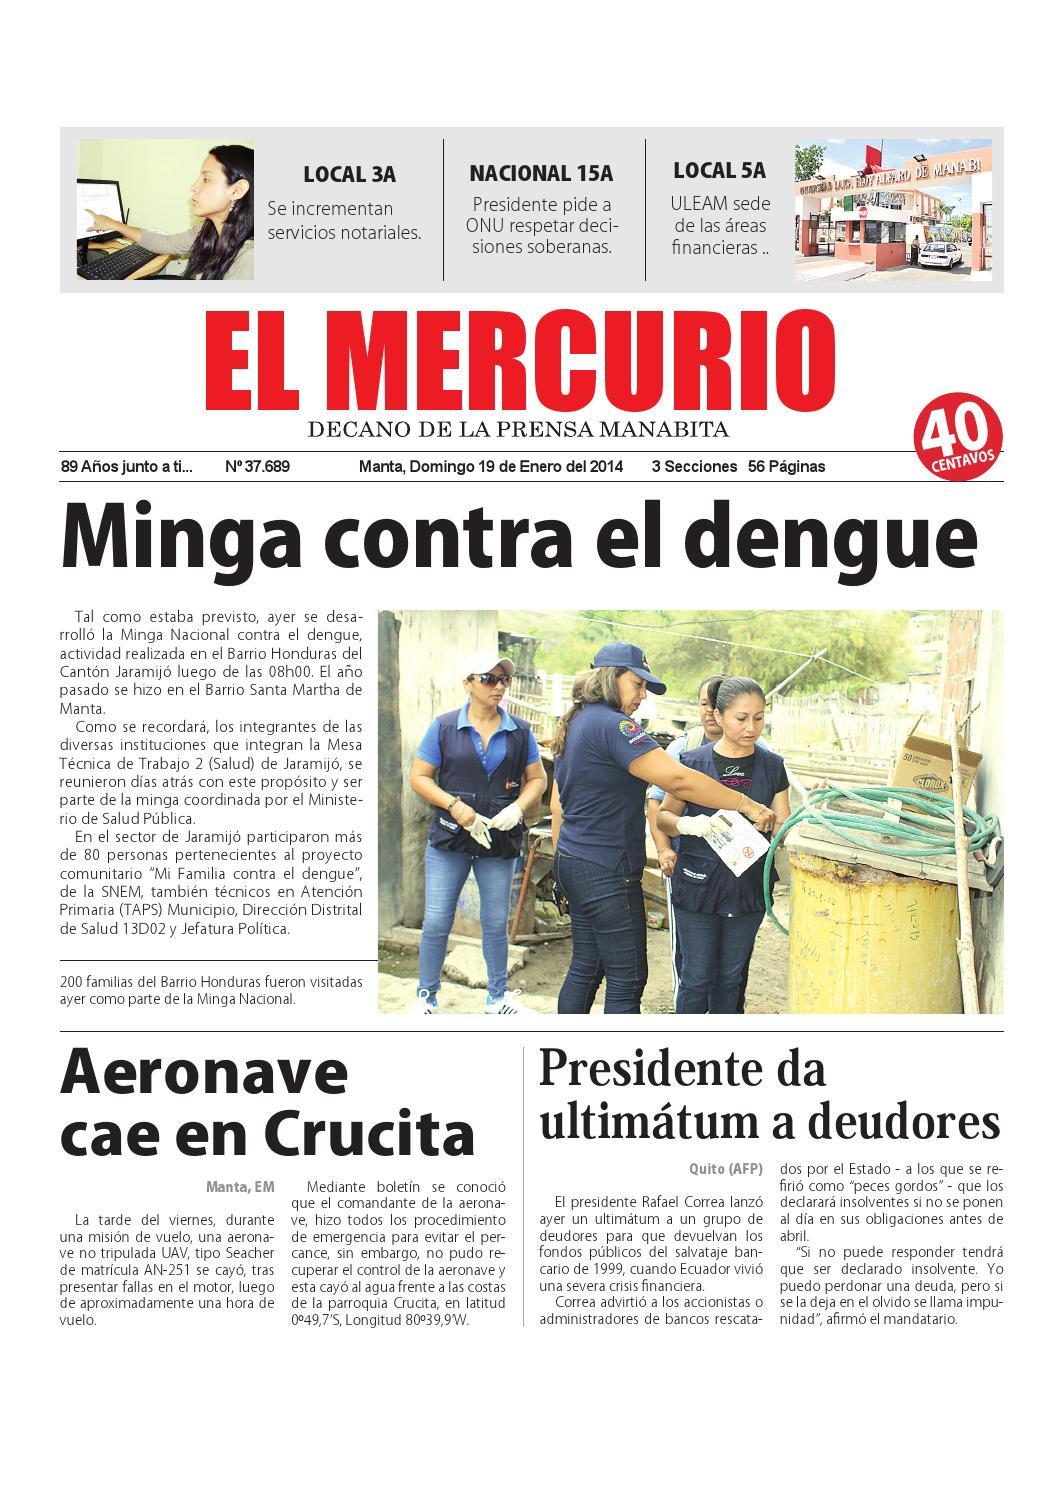 Mercurio domingo 19 de enero del 2014 by Diario El mercurio - issuu